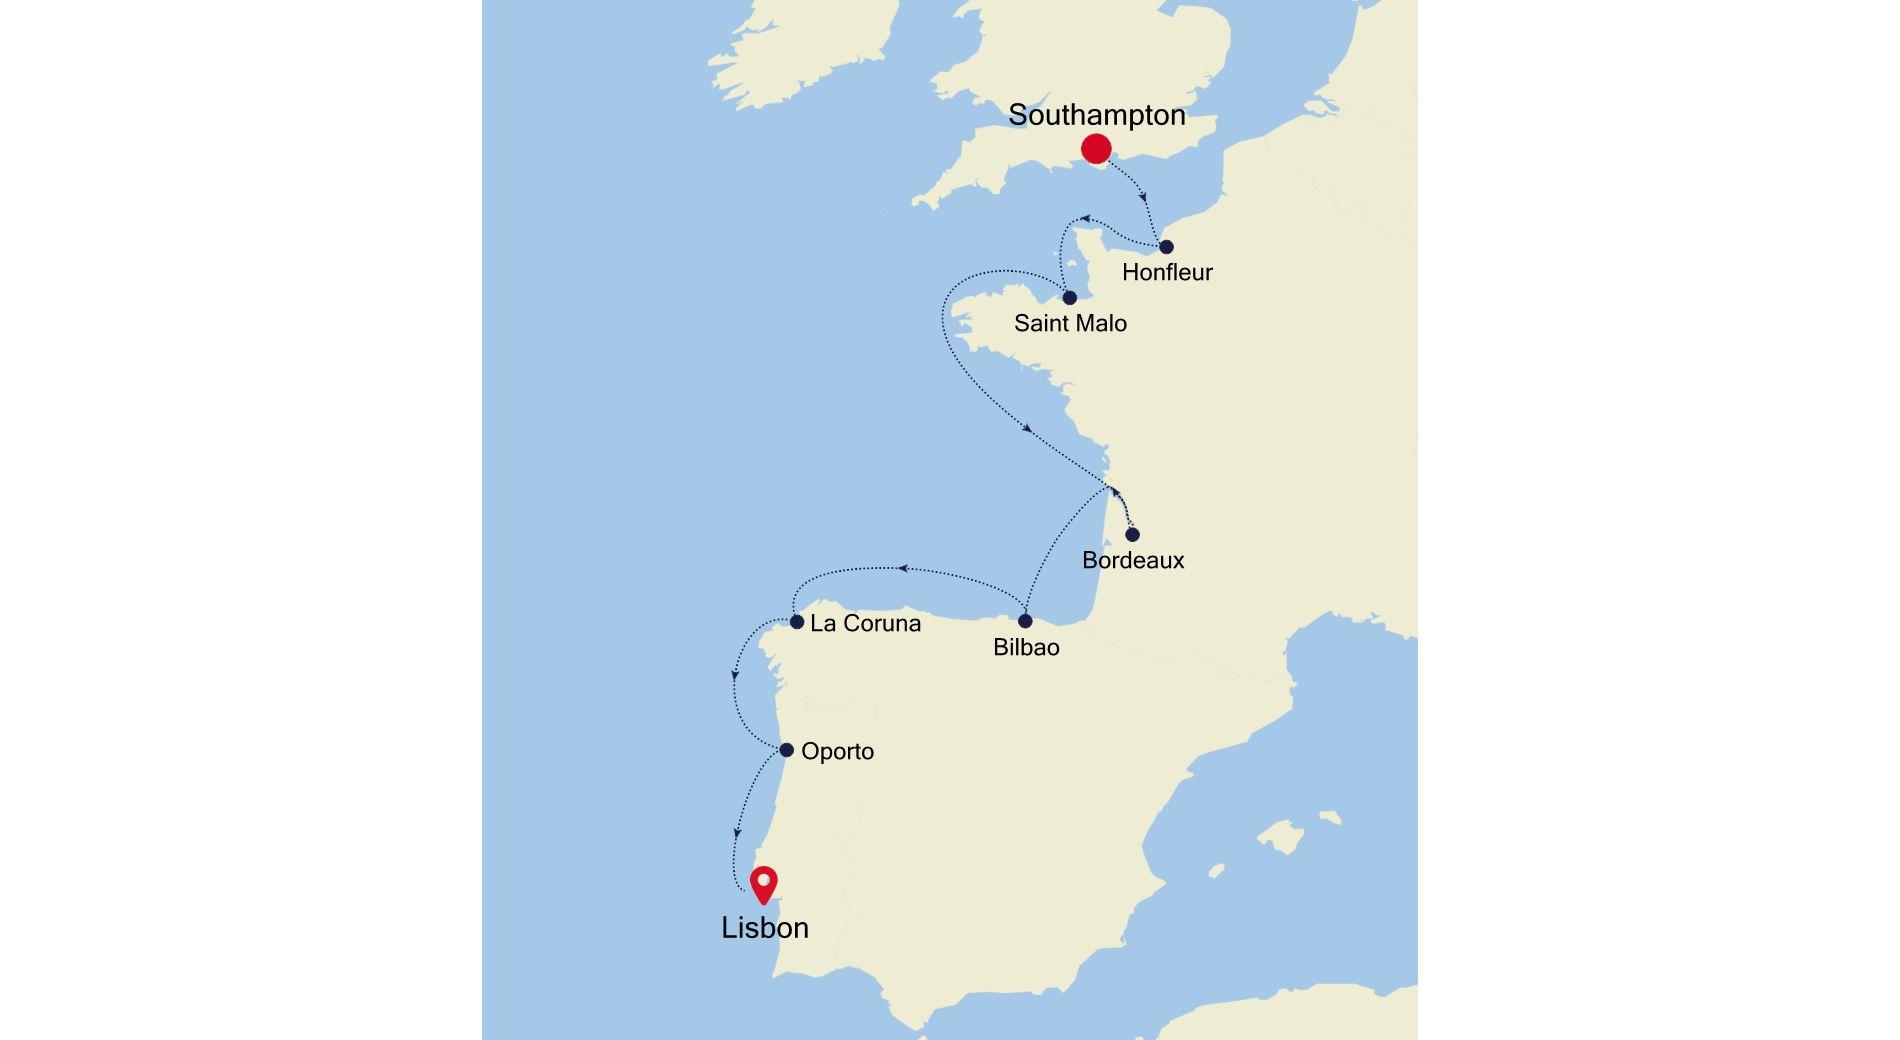 SL210927011 - Southampton à Lisbon